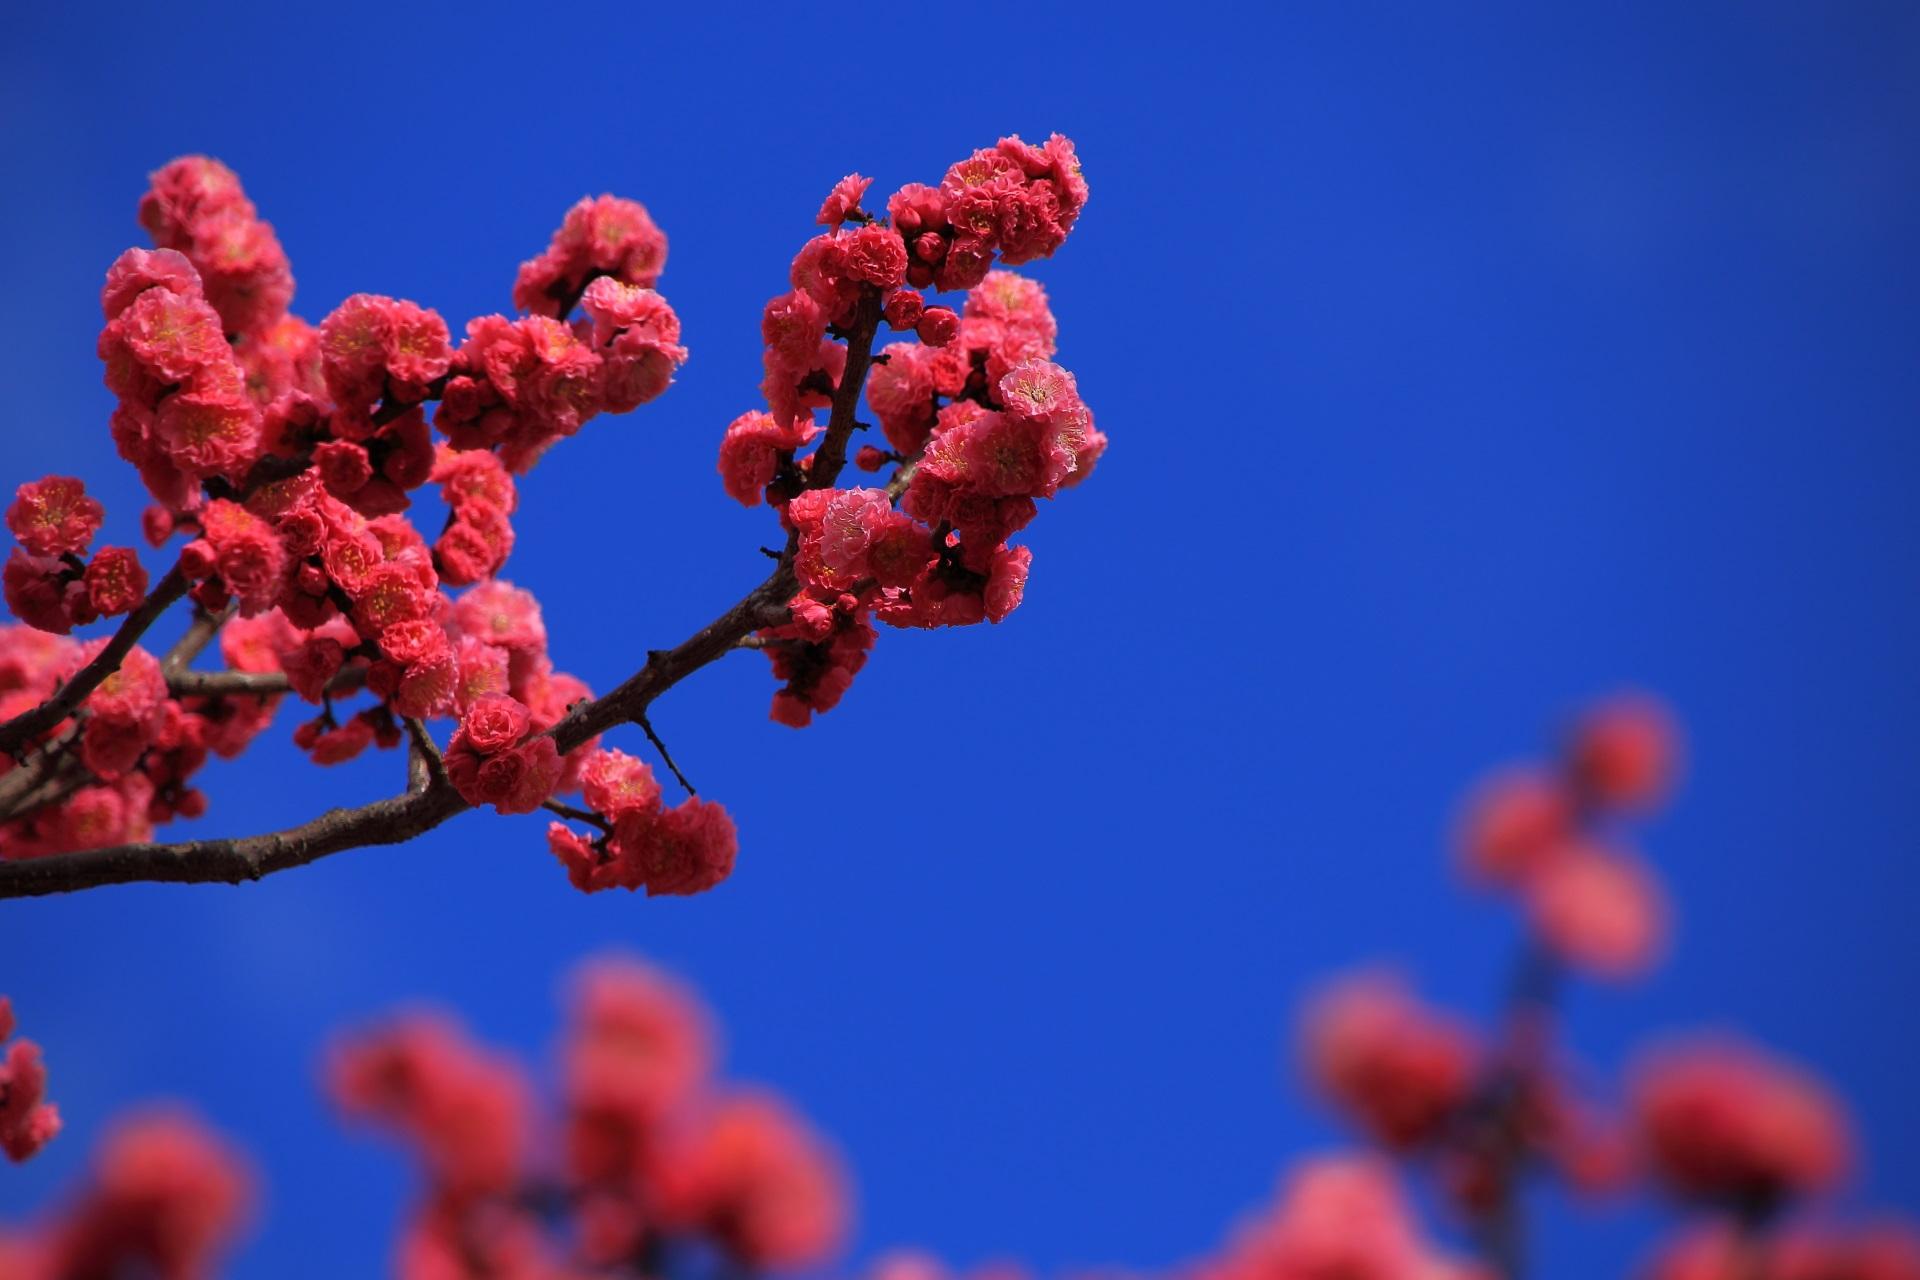 青空に映える鮮やかなピンクの梅の花